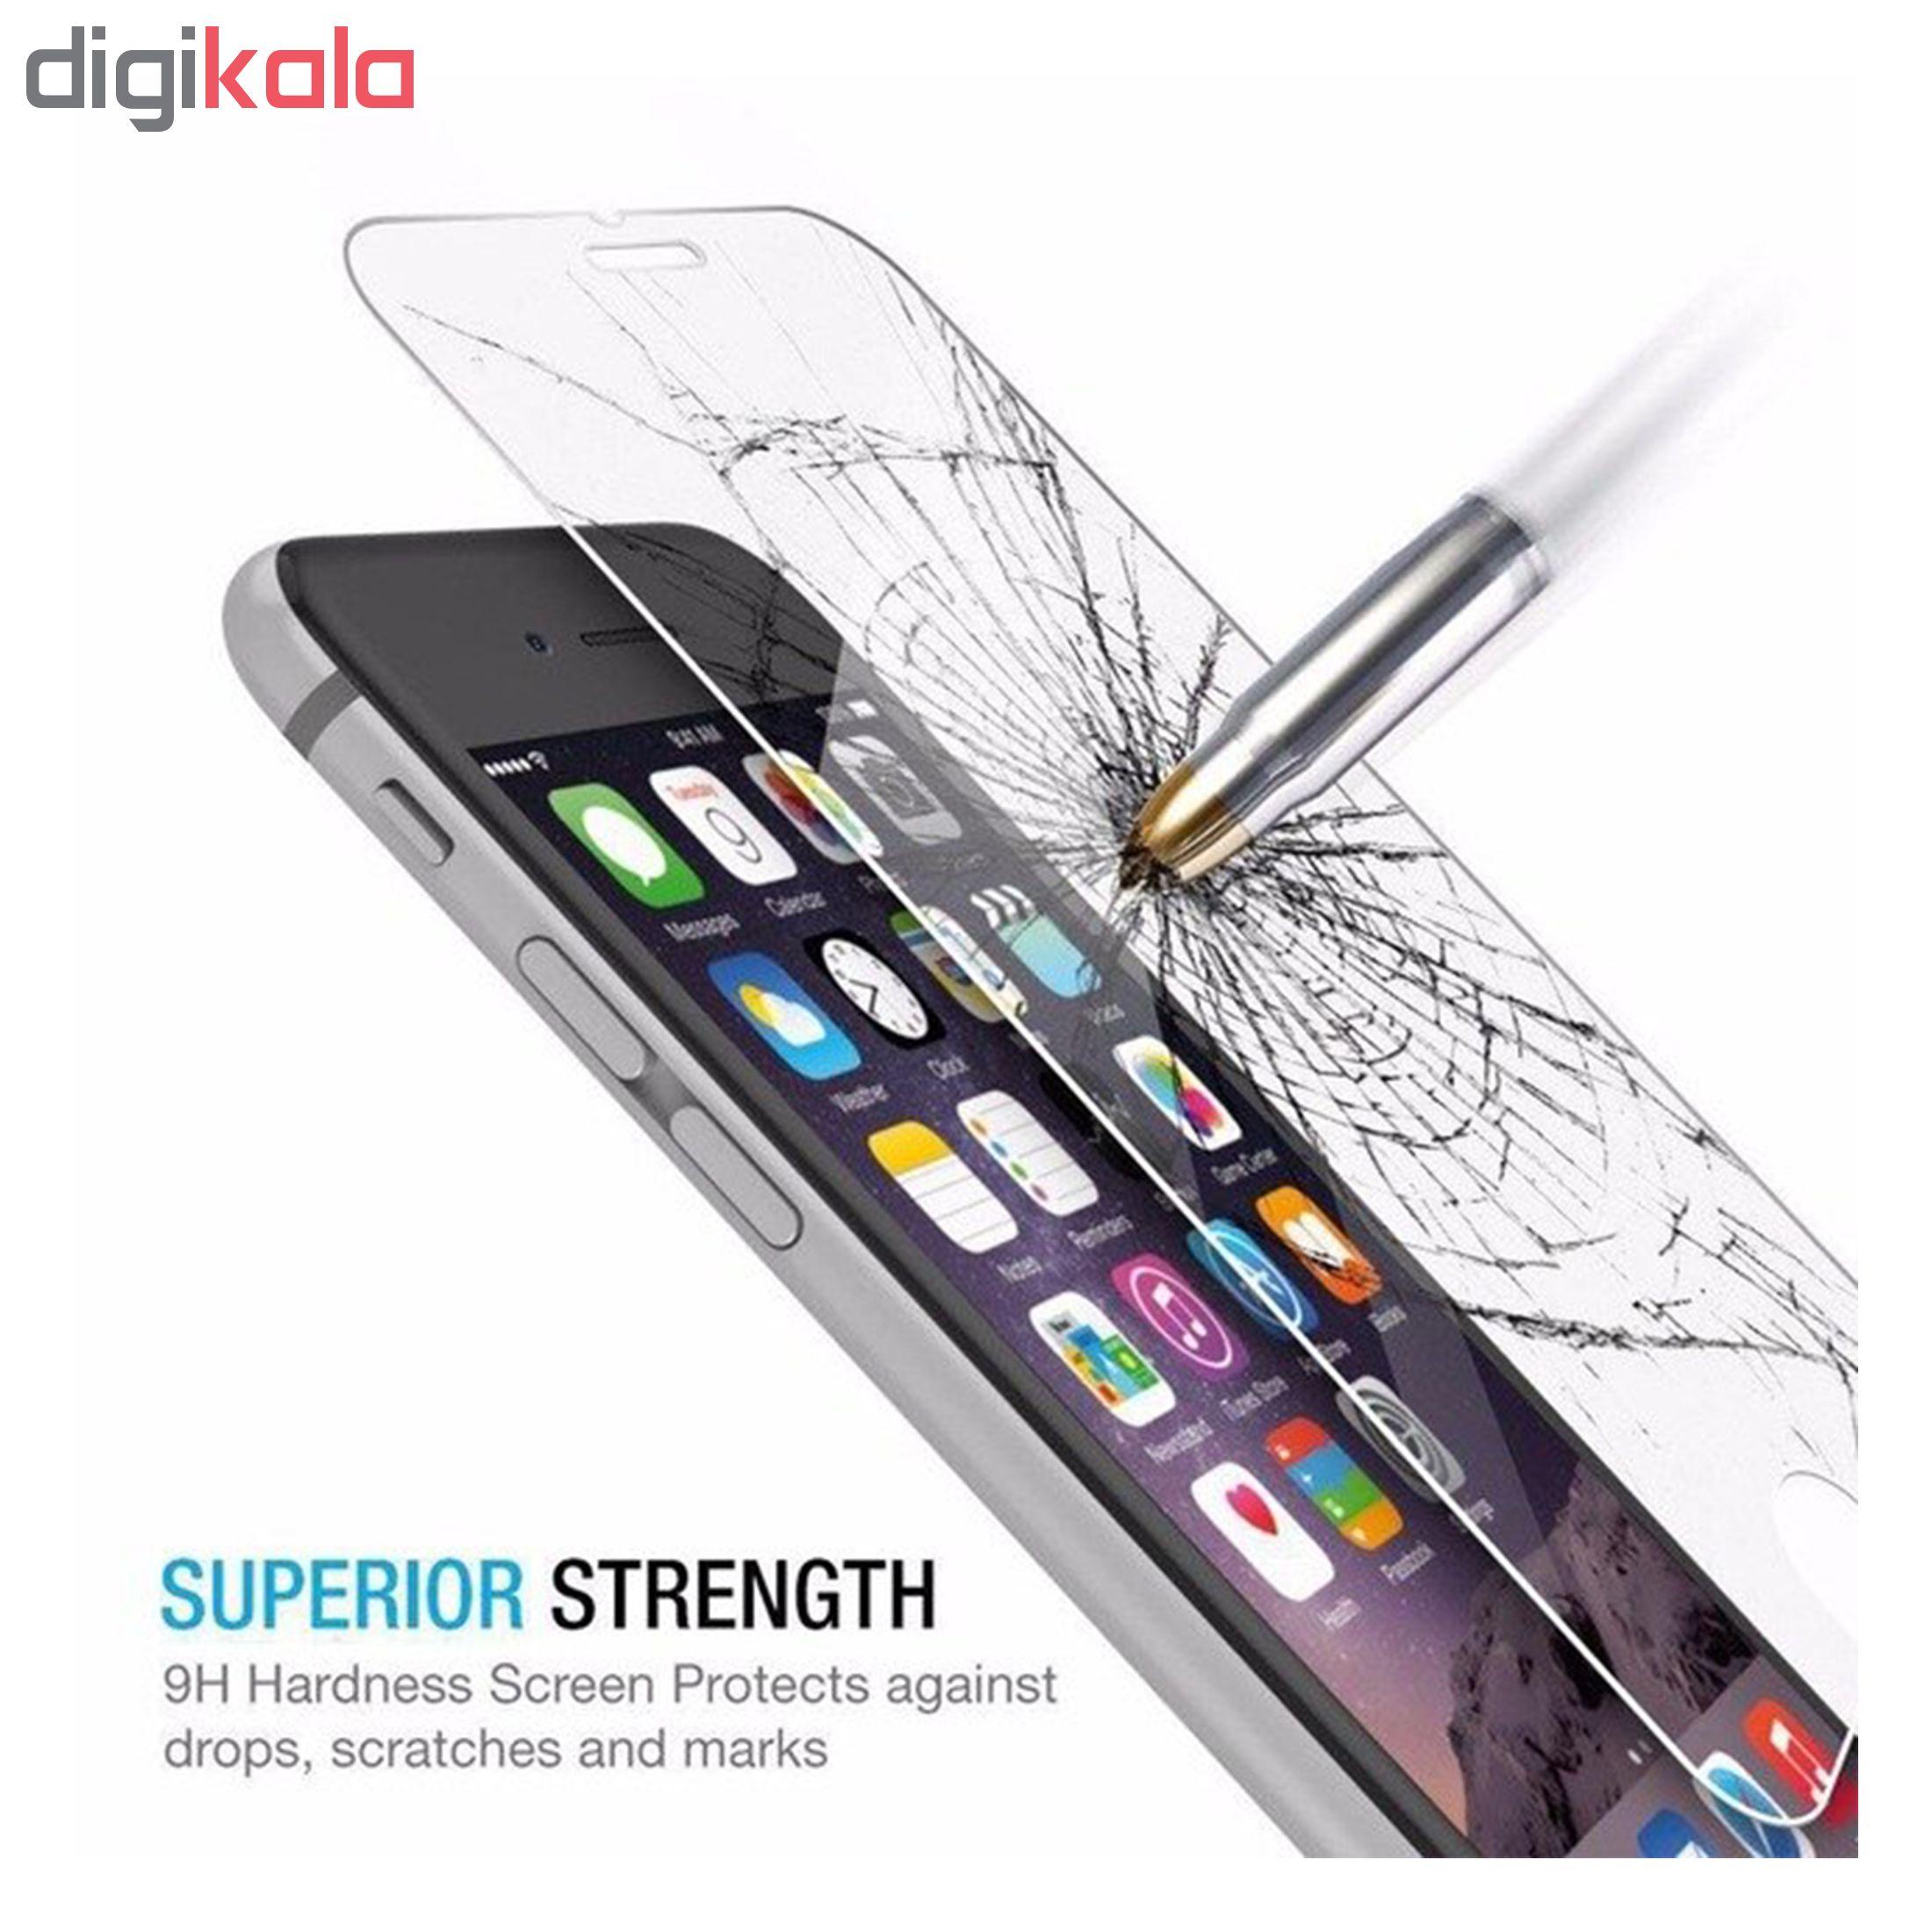 محافظ صفحه نمایش Hard and thick مدل F-01 مناسب برای گوشی موبایل سامسونگ Galaxy A10s  main 1 3